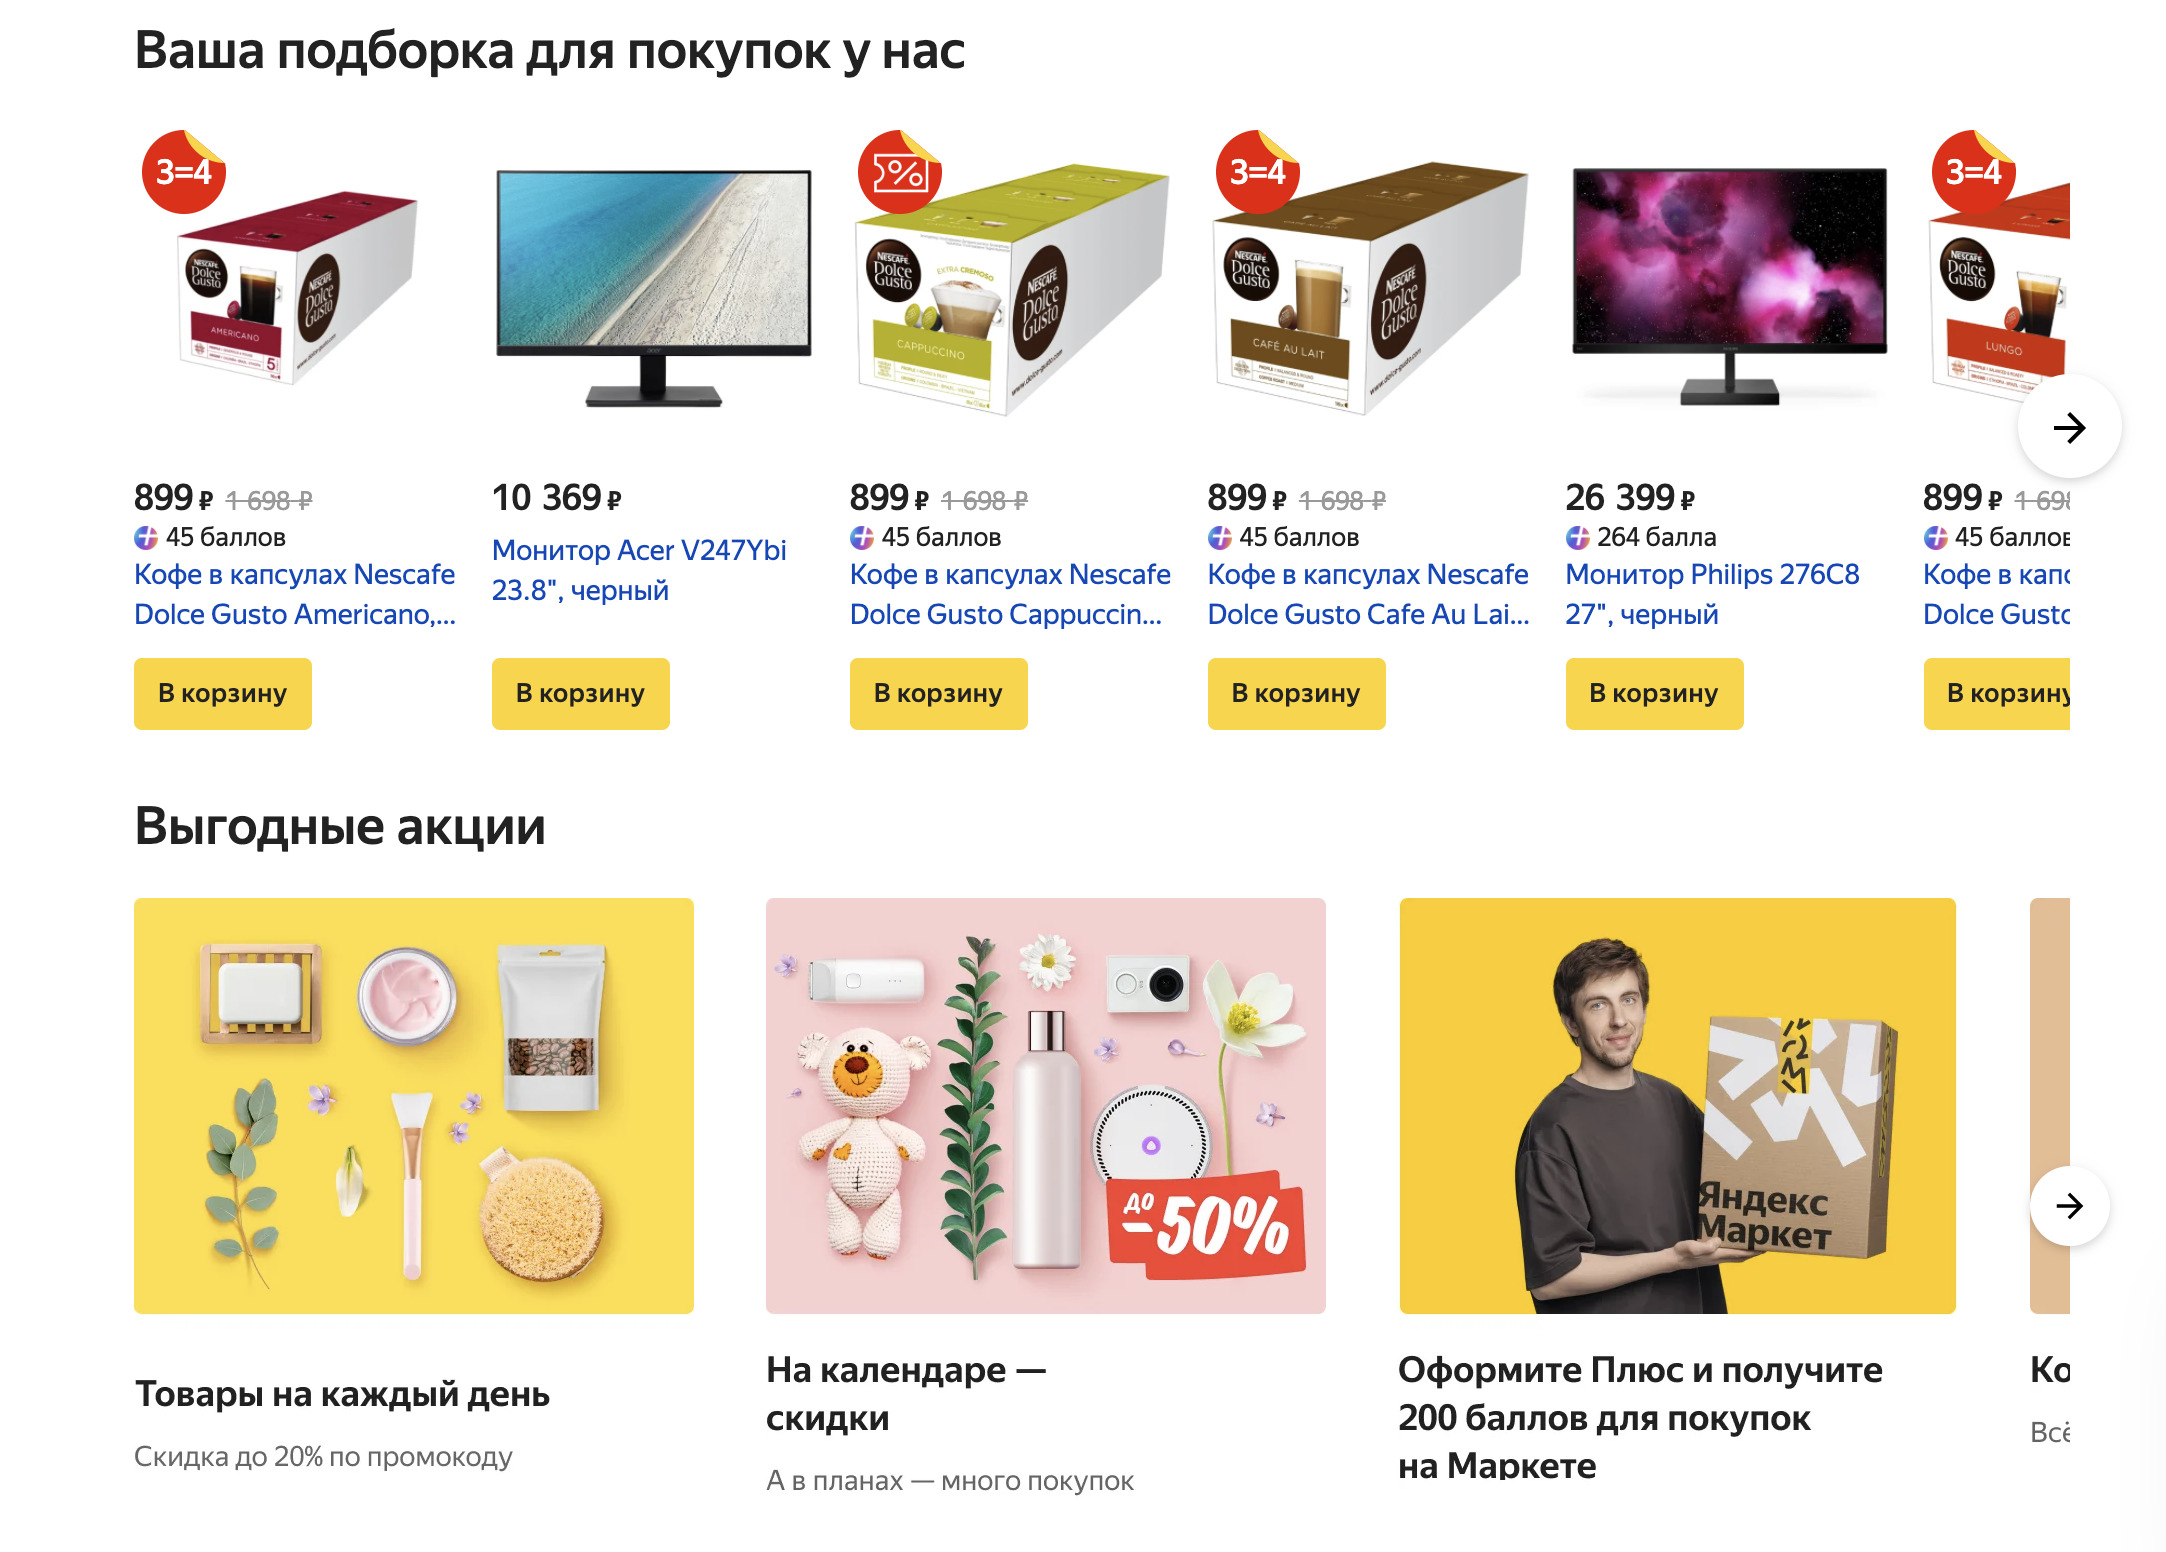 Доставка из Яндекс.Маркет в Белорецк, сроки, пункты выдачи, каталог